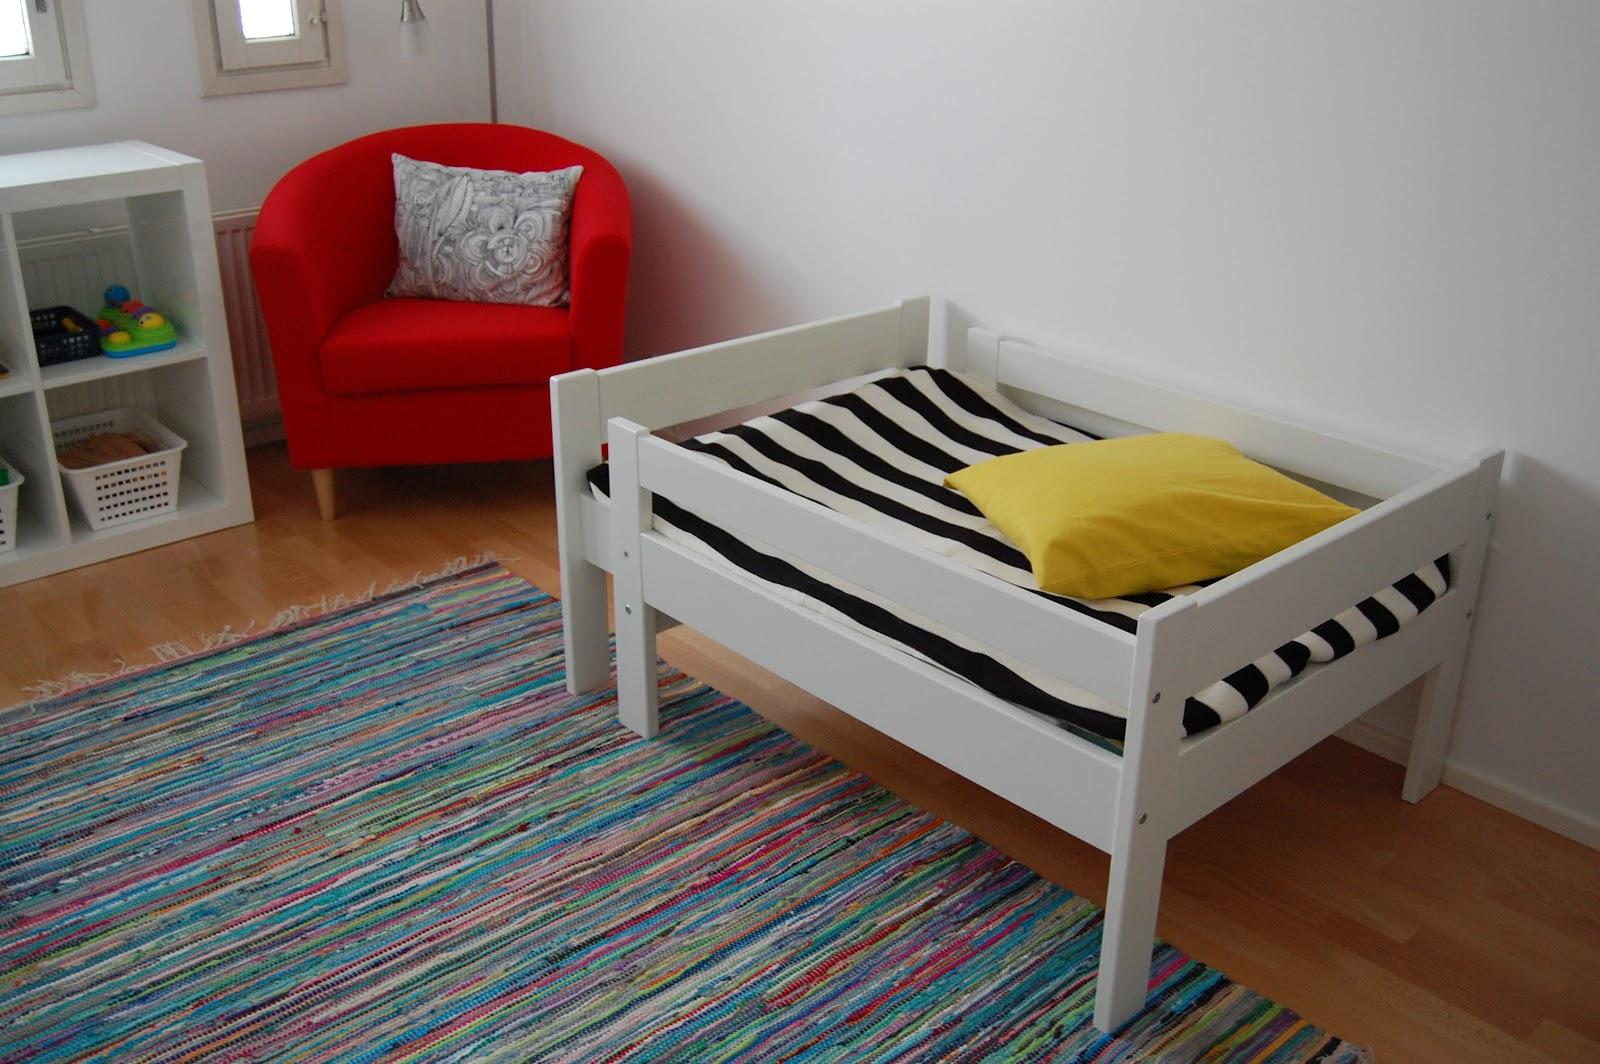 emma jatkettava sänky Hulinaa: Jatkettava emma jatkettava sänky